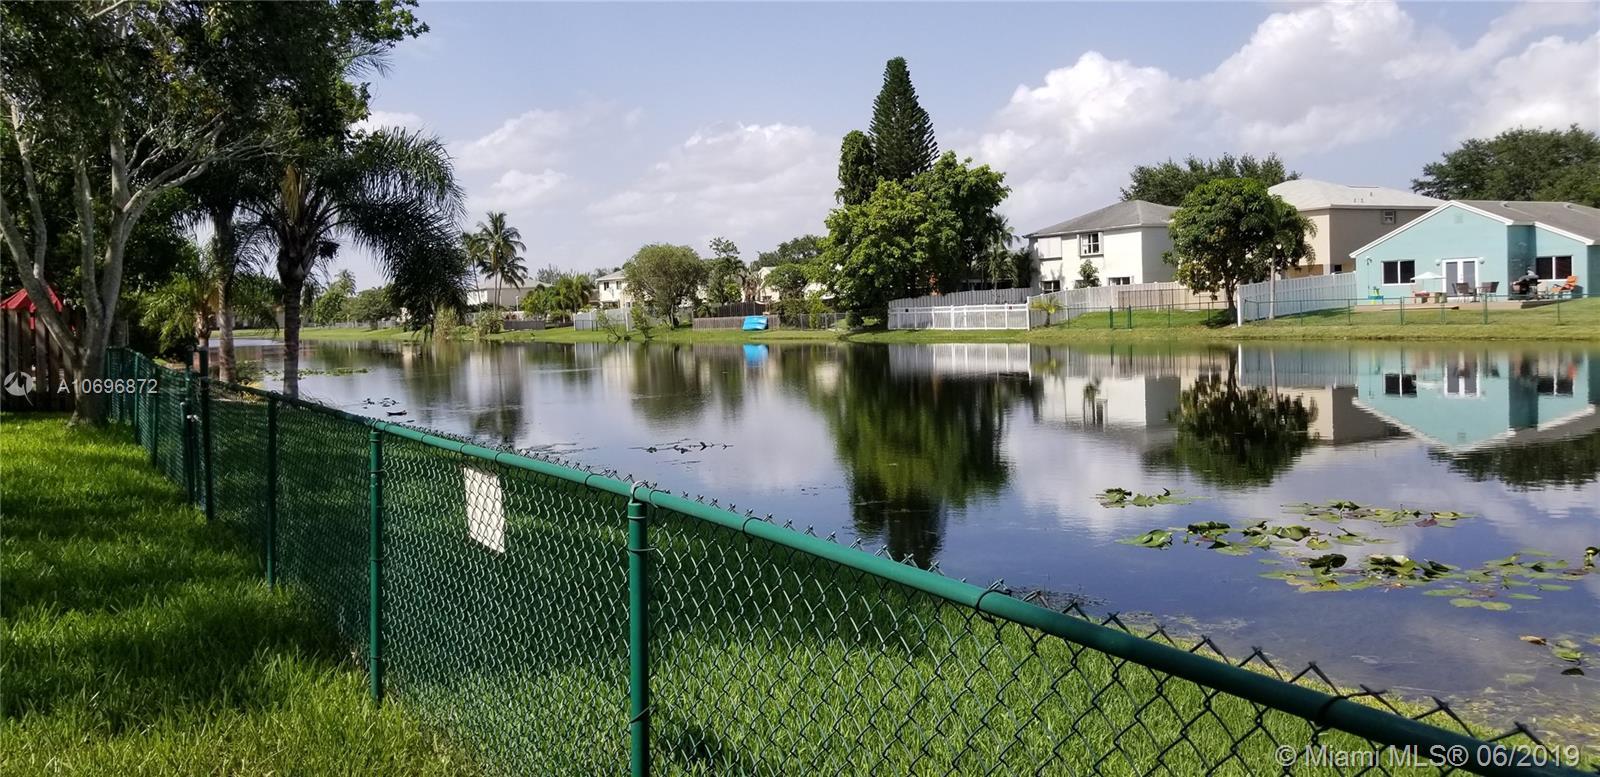 Hampton Lakes # - 03 - photo